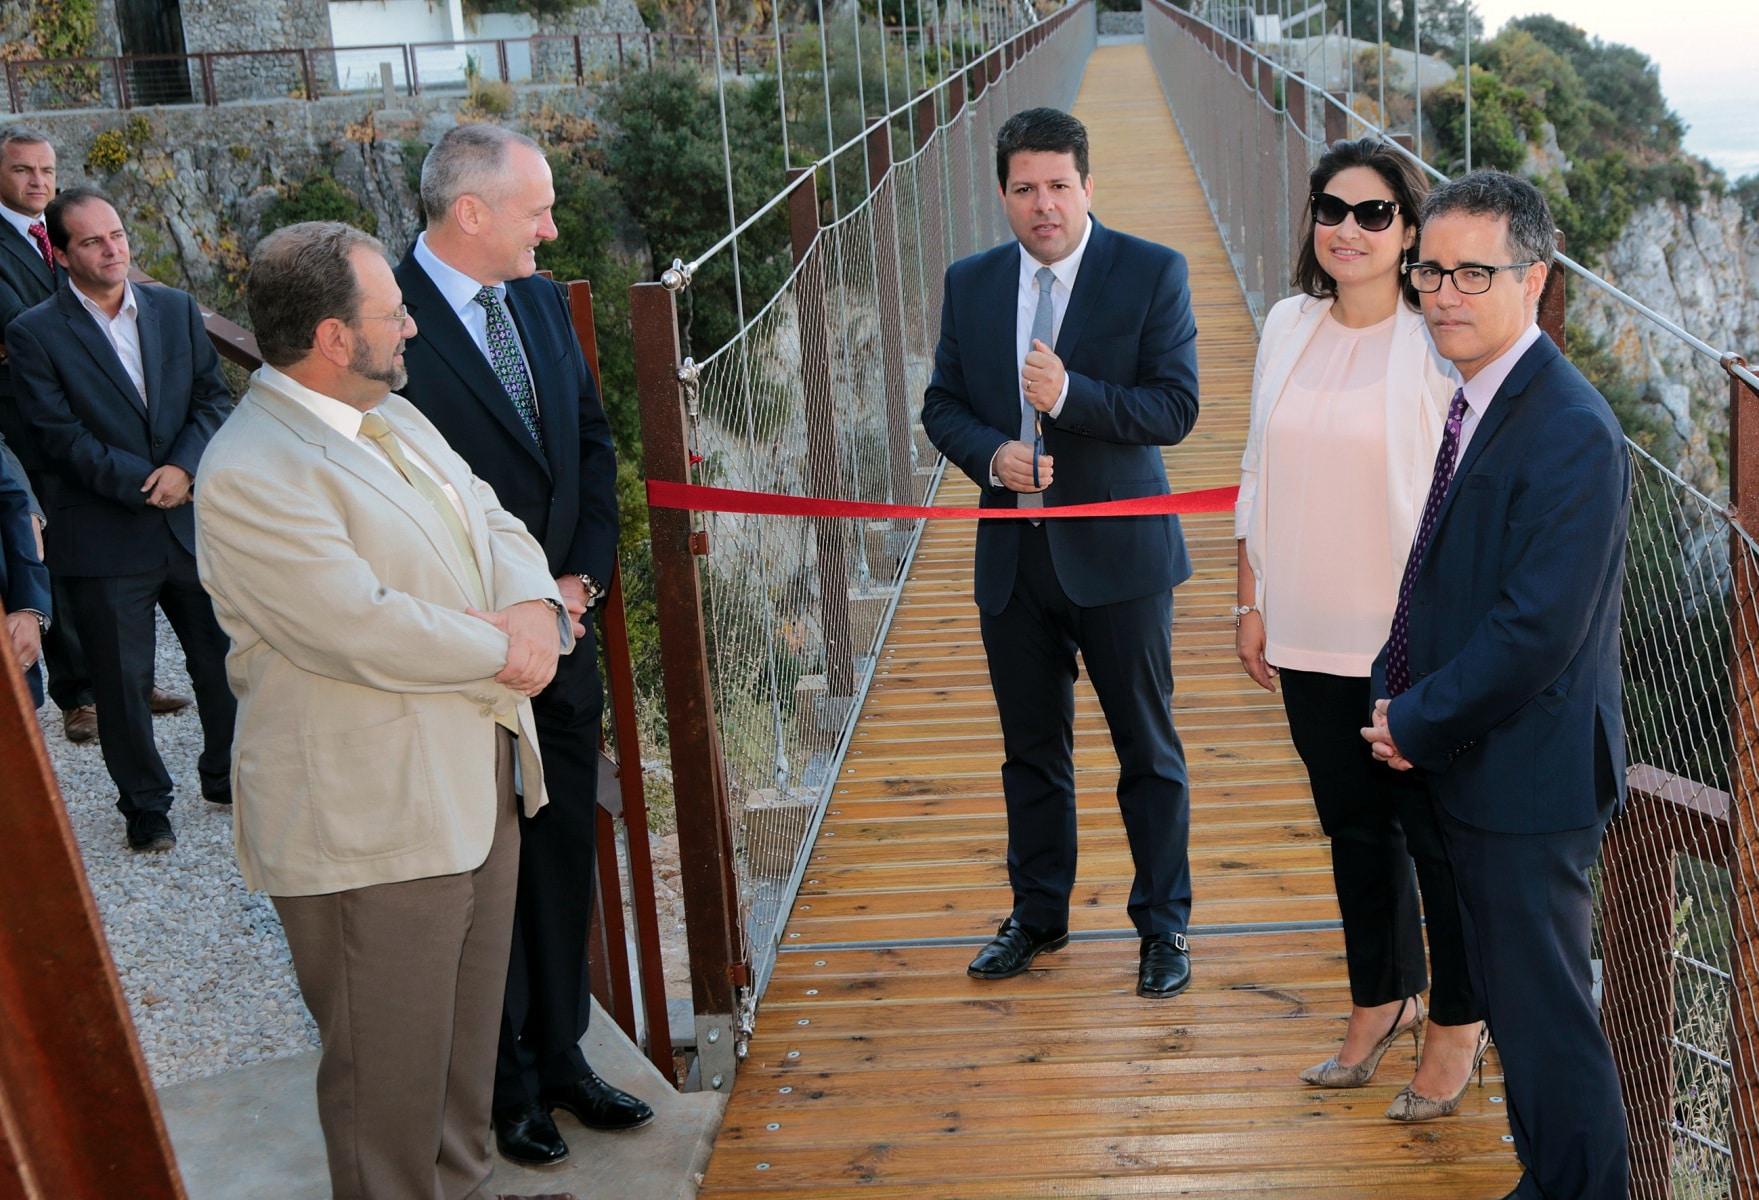 21-jun-2016-inauguracin-puente-colgante-en-la-reserva-natural-del-pen-de-gibraltar_27556205600_o